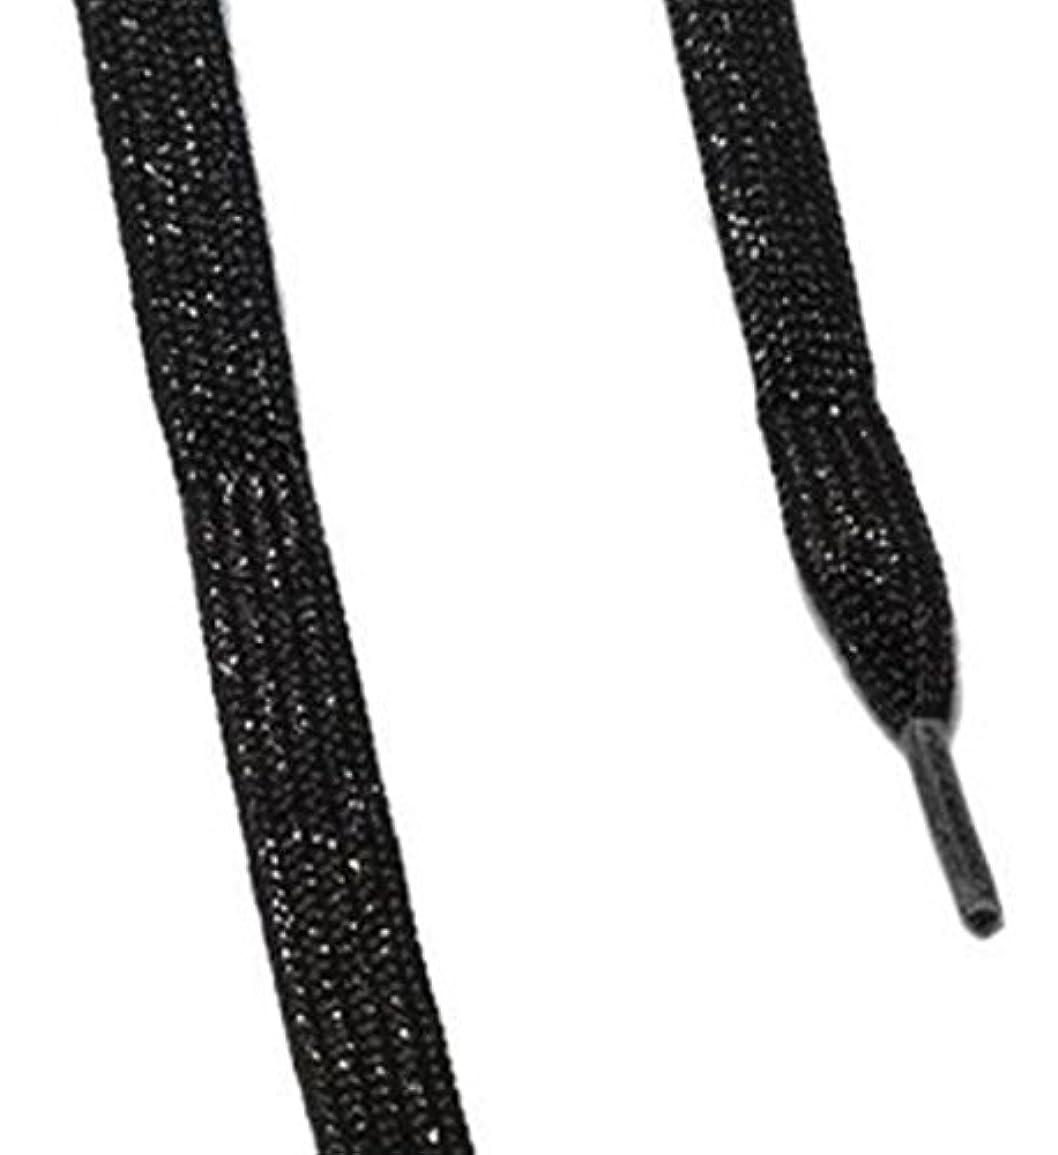 セイはさておき療法打たれたトラックis-fit シューレース メタリック  ブラックRI-1 120cm